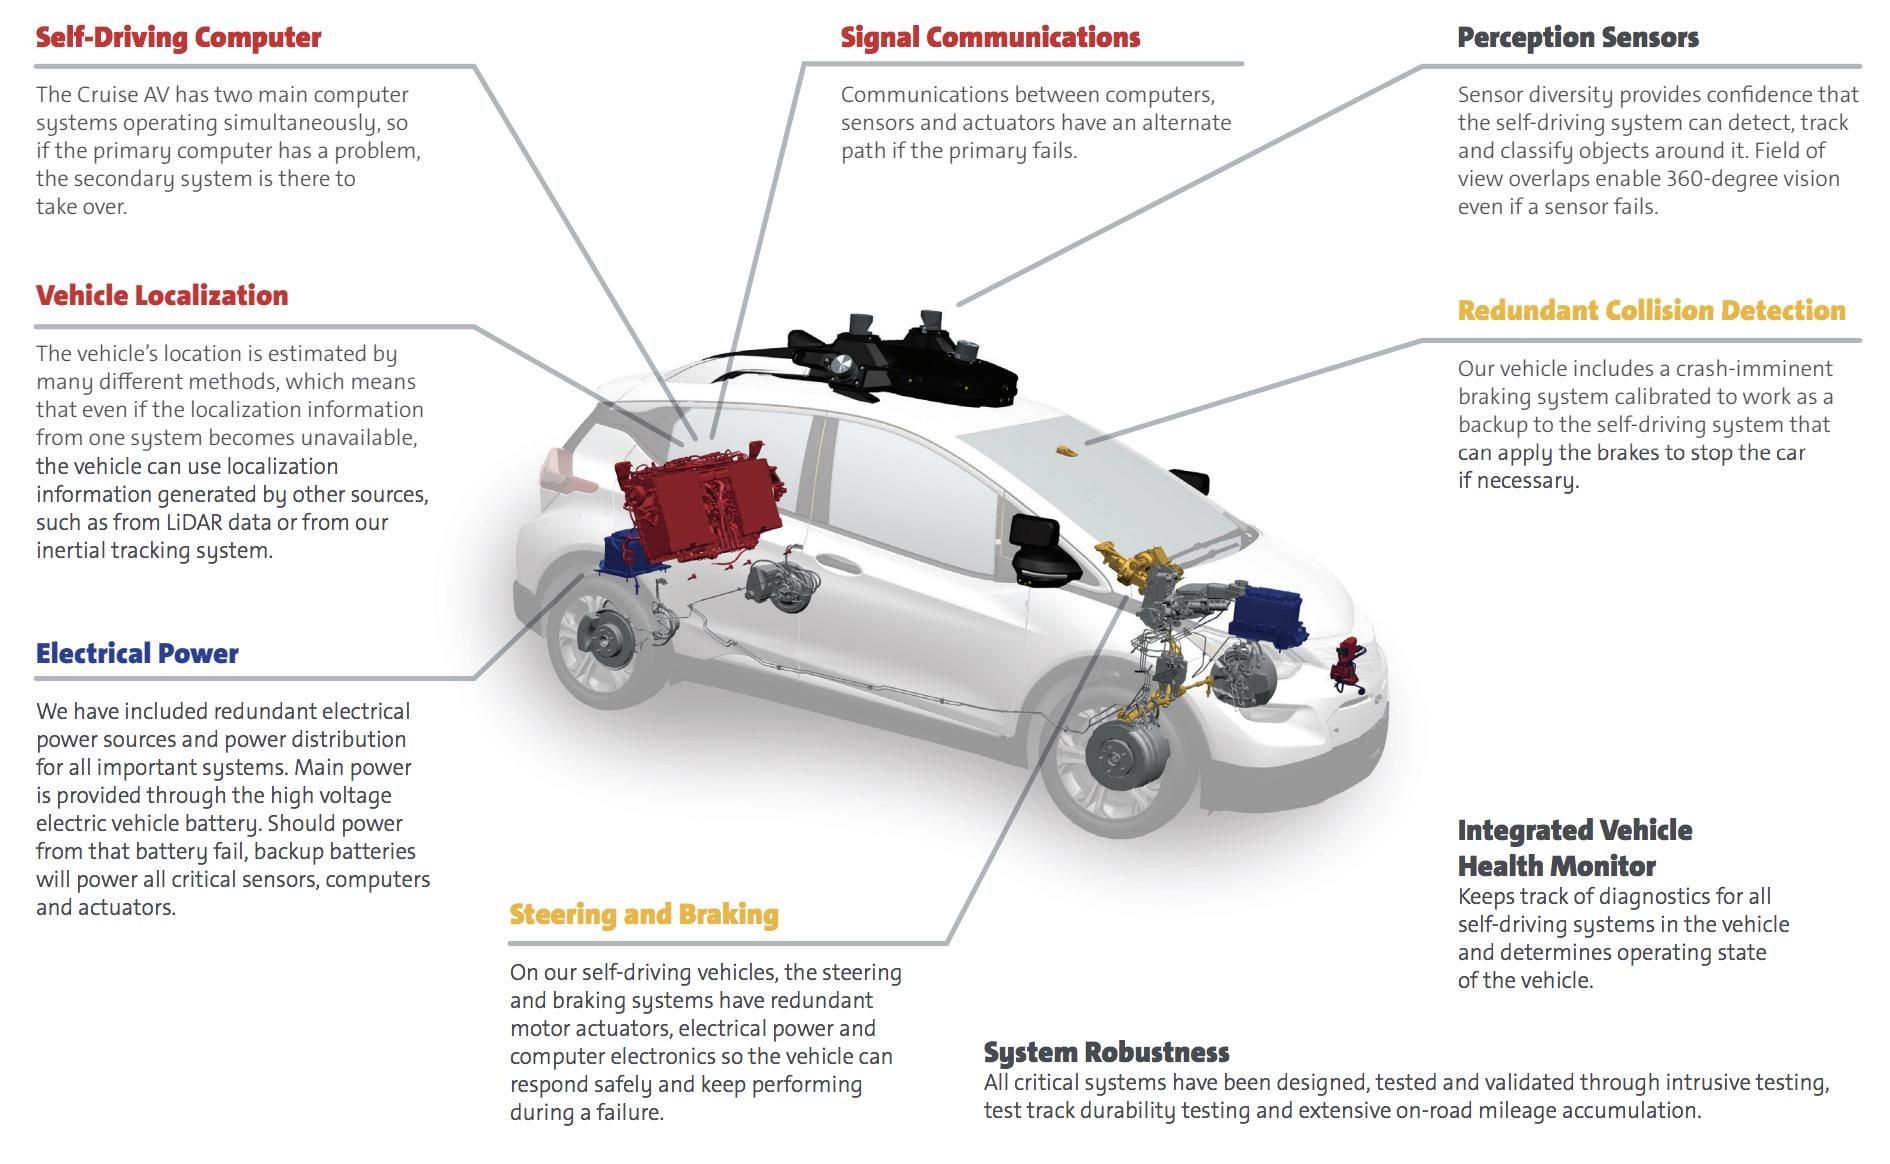 Gm Unveils Autonomous Bolt Ev Without Steering Wheel Or Pedal Aims Brakes Diagram Heres Gms